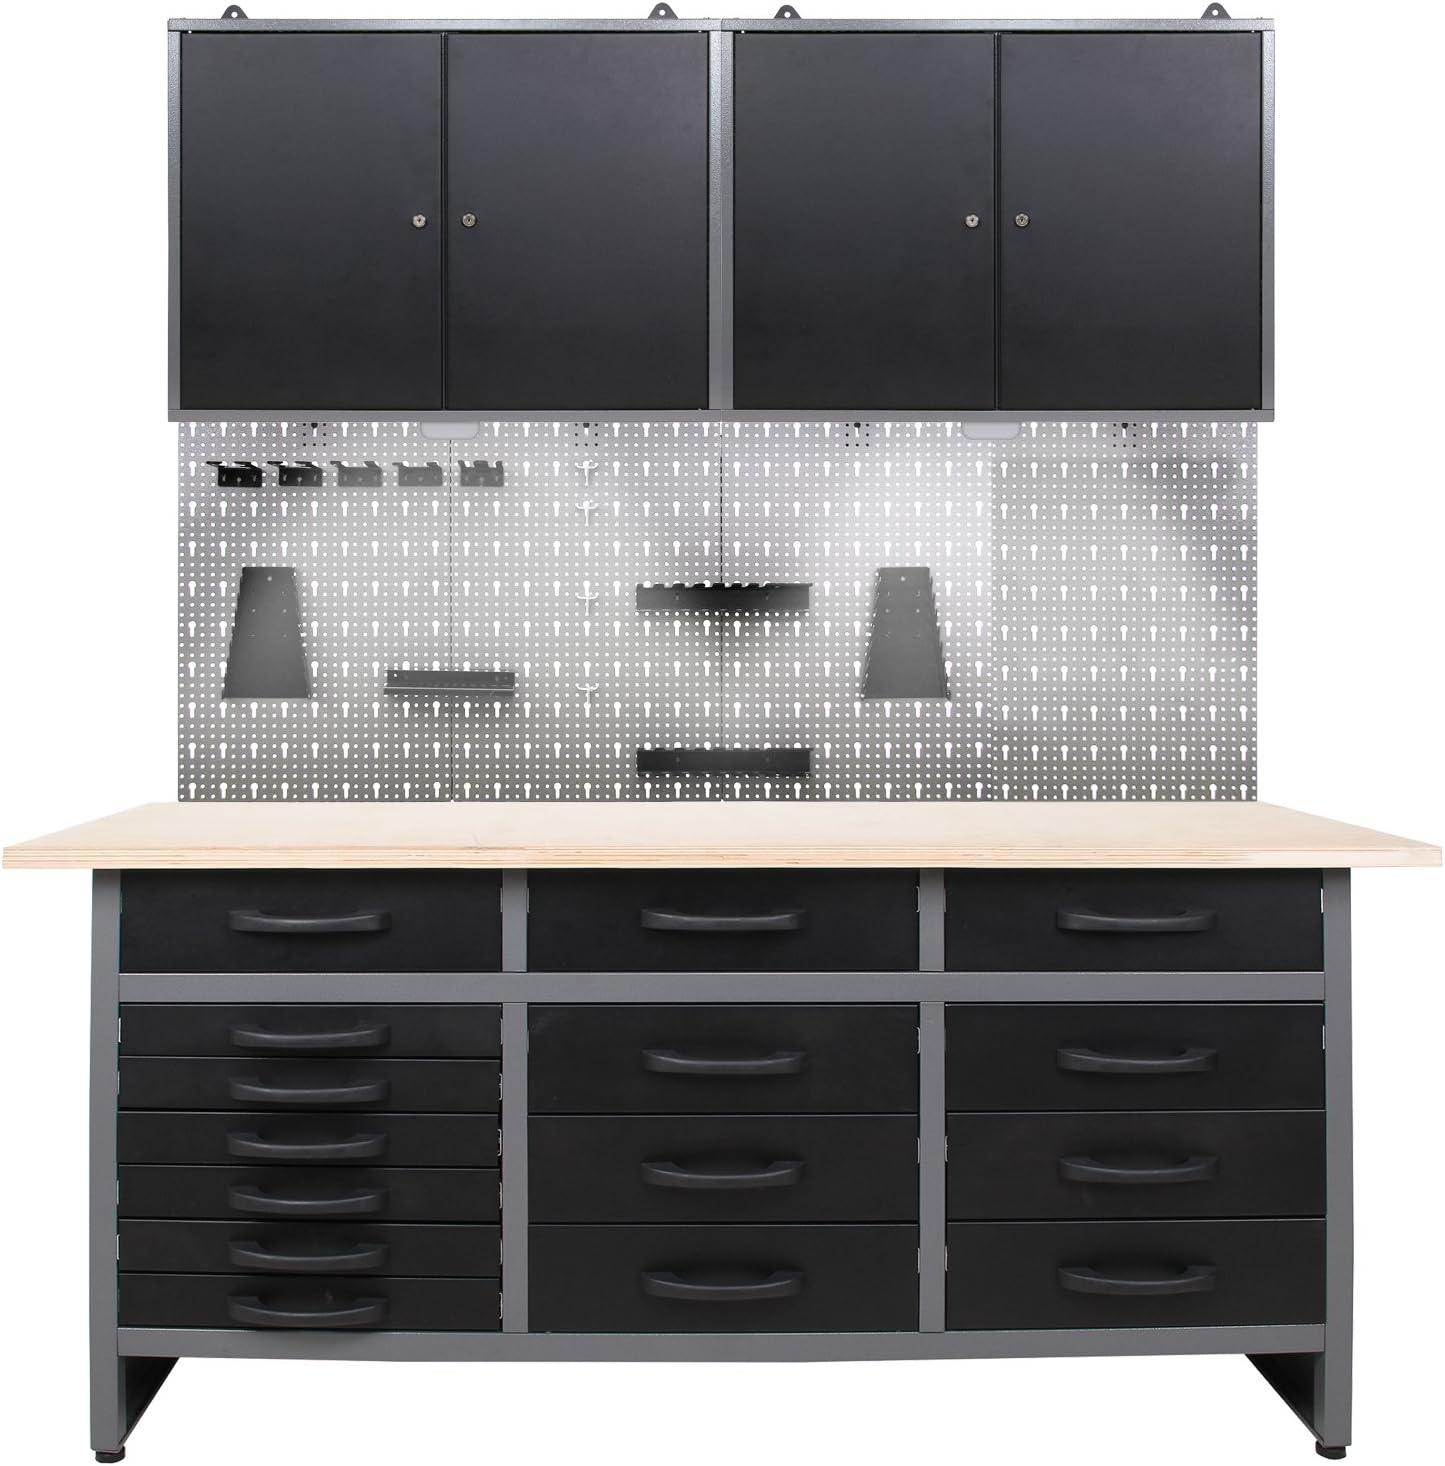 Taller Herramienta de Configuración, 170 cm de ancho, banco de trabajo/armario/herramienta de pared – con iluminación LED: Amazon.es: Bricolaje y herramientas